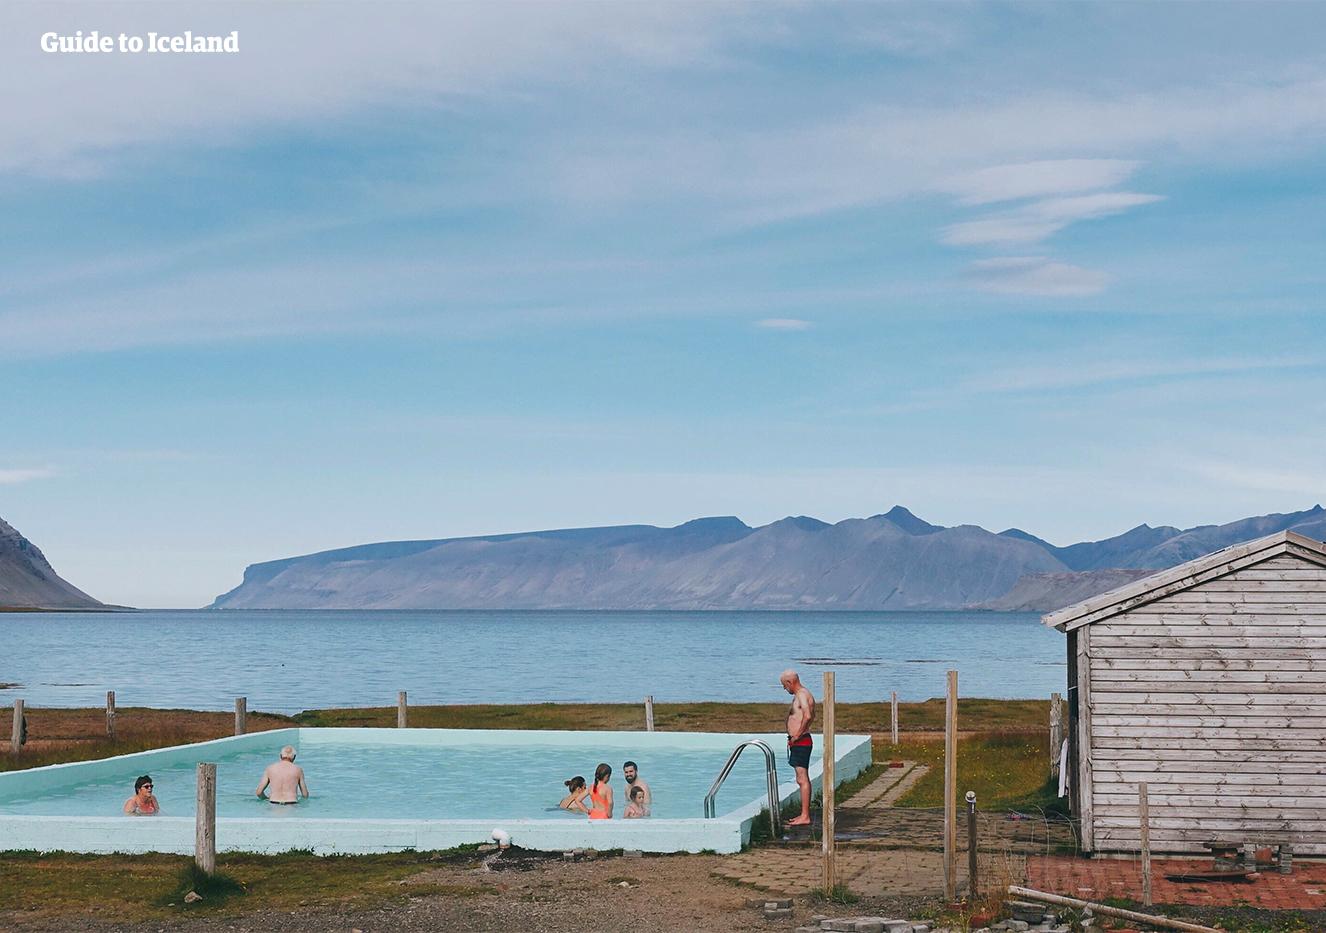 La piscina geotérmica de Reykjafarðarlaug se encuentra en los remotos Fiordos del Oeste de Islandia.